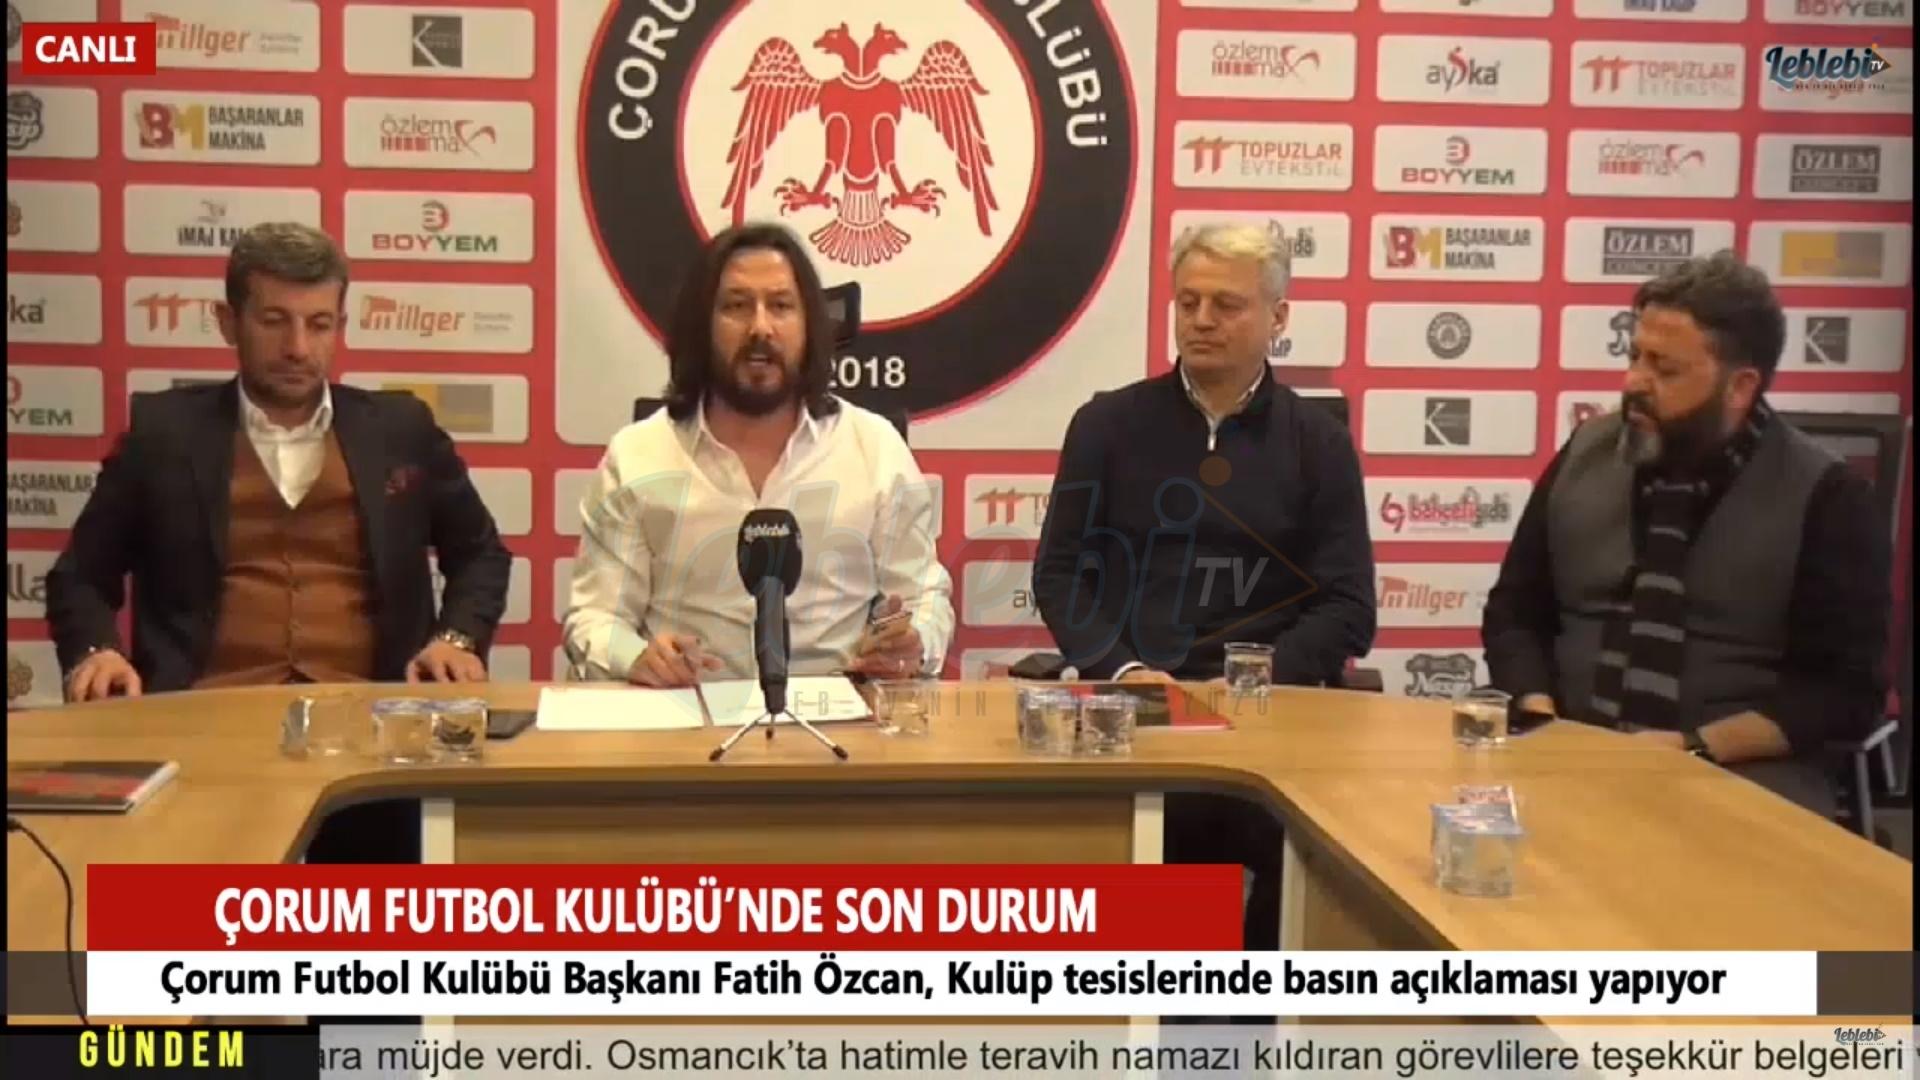 Çorum Futbol Kulübü Başkanı Fatih Özcan Basın Açıklaması